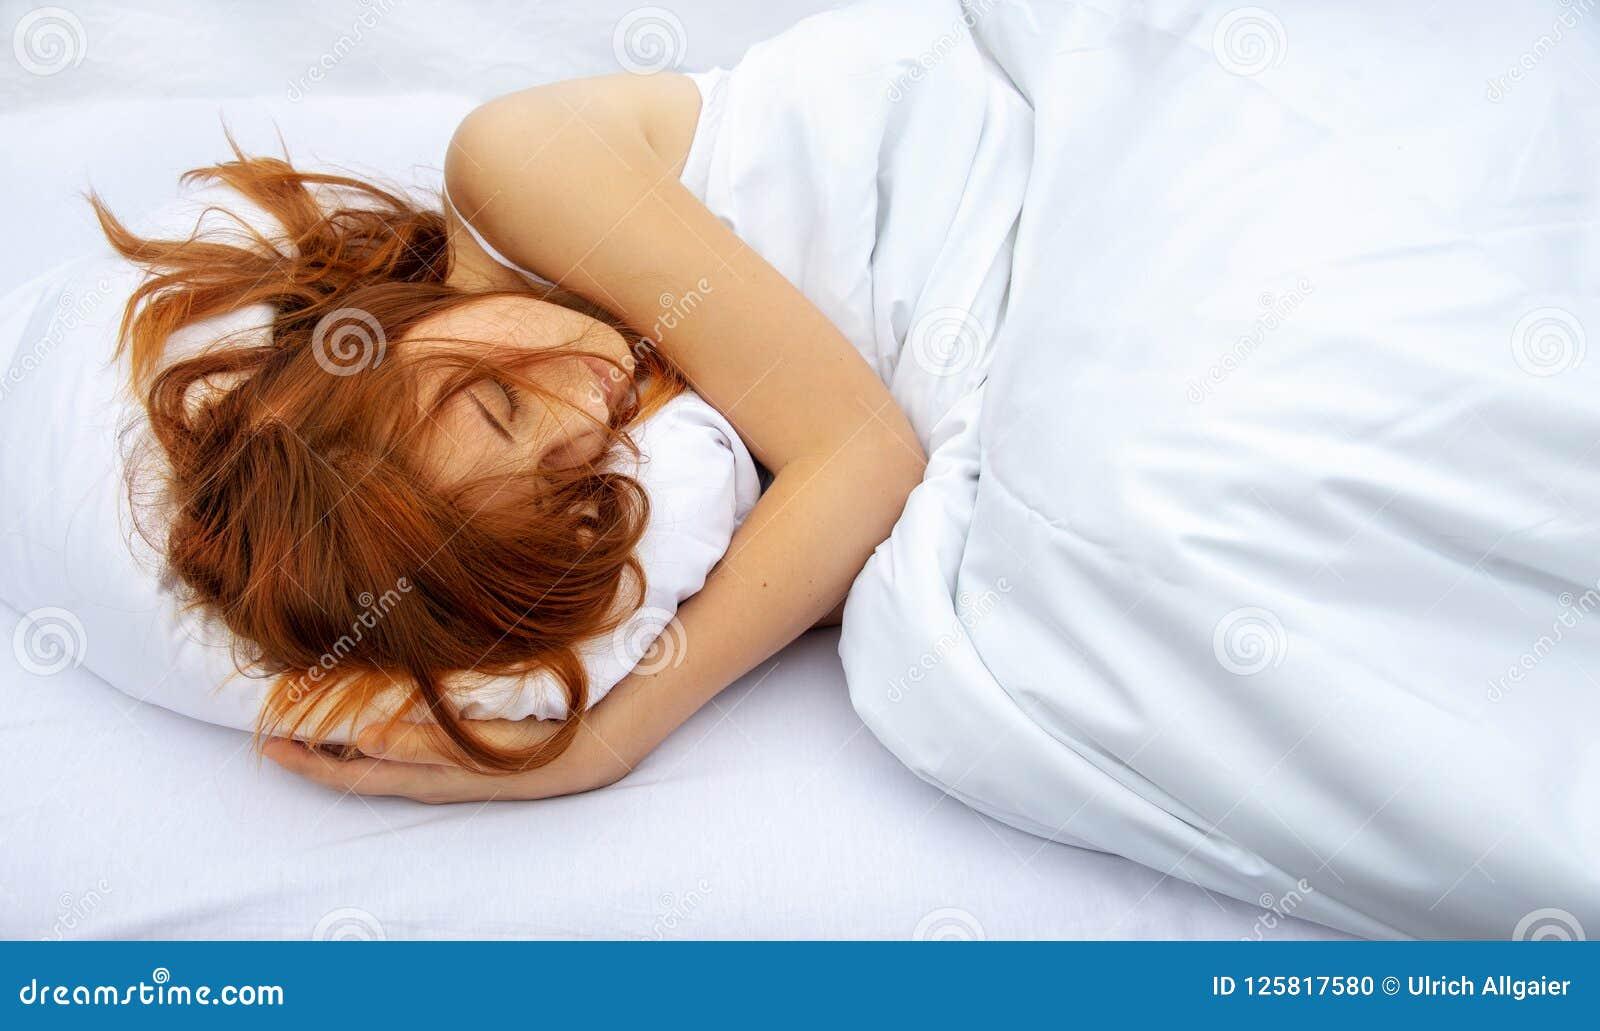 Punto di vista superiore della donna attraente, giovane, dai capelli rossi che si rilassa a letto abbracciando un cuscino bianco